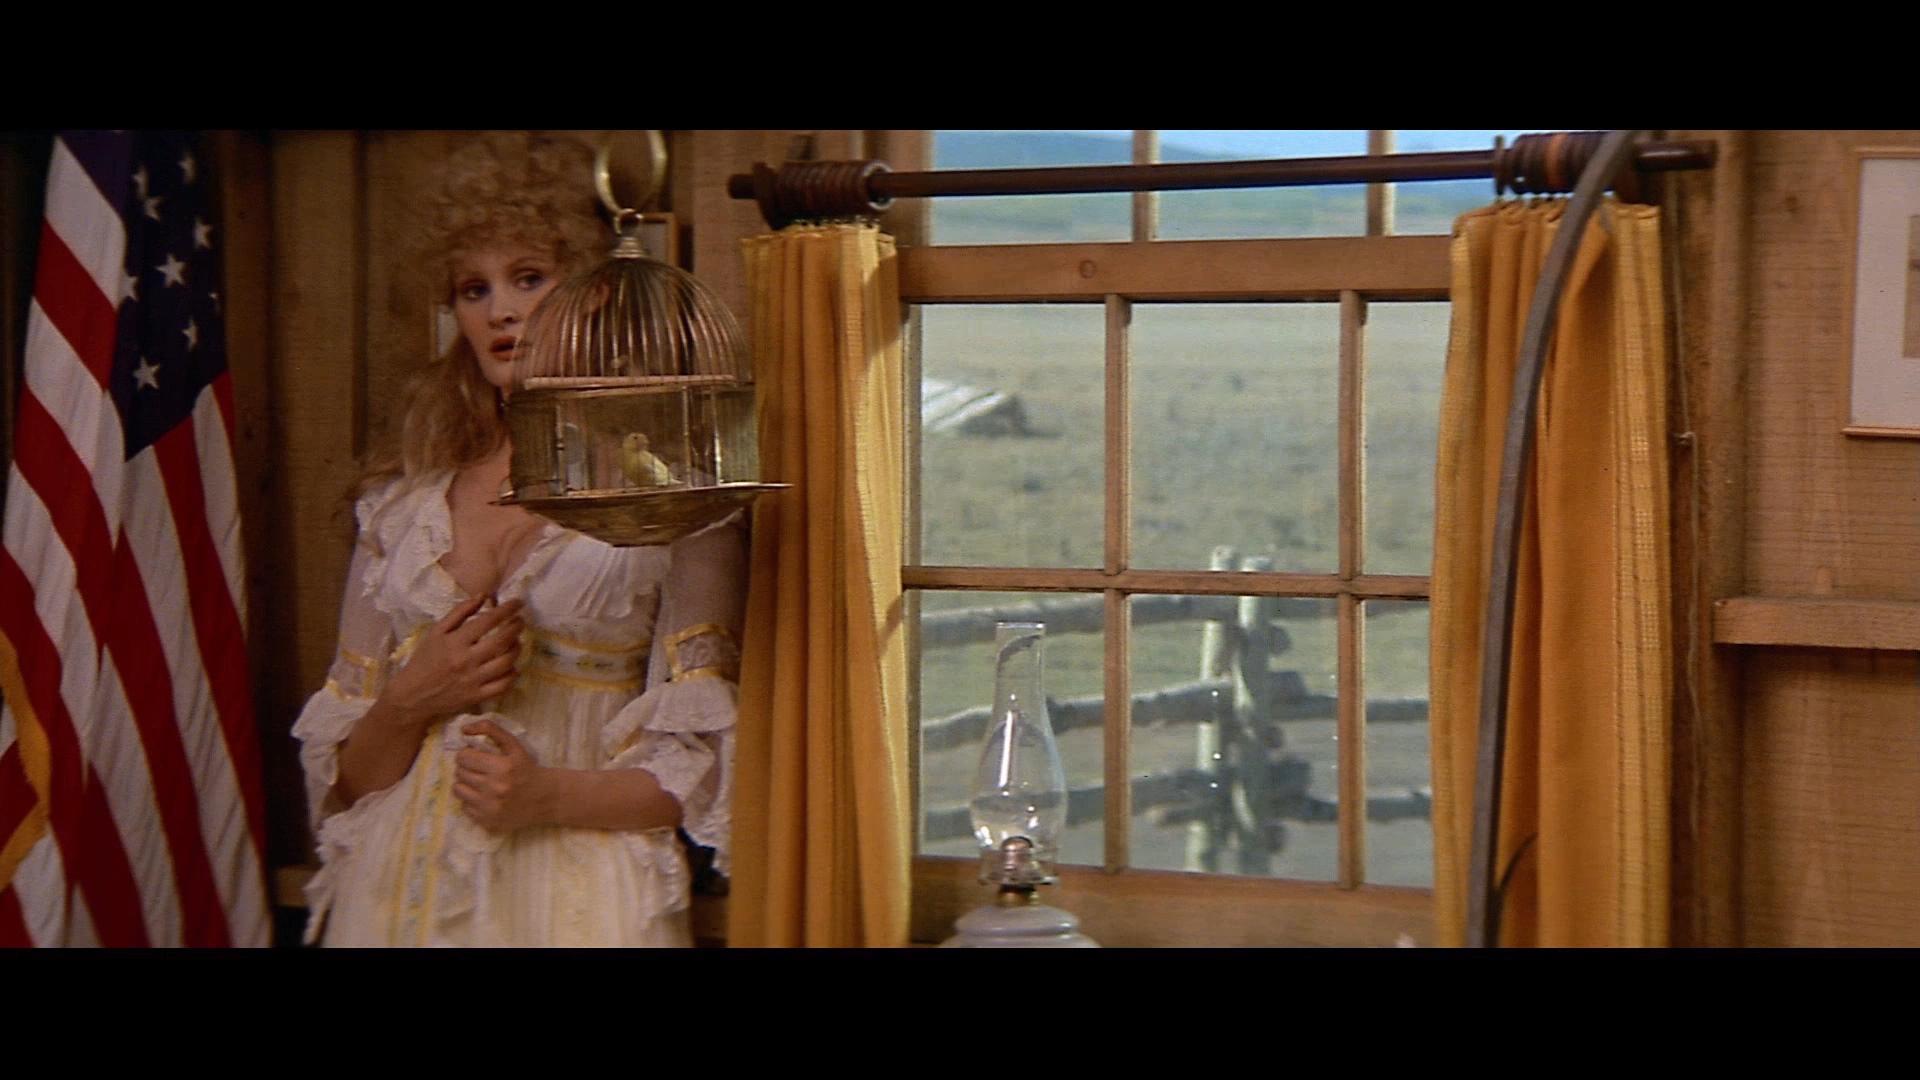 Eine Opernsängerin steht in Buffalo Bills Zimmer neben dem Fenster an die Wand gedrängt. Links neben ihr sieht man eine große amerikanische Flagge, vor ihr verdeckt ein Vogelkäfig (mit Vogel) einen Teil ihres Gesichtes.